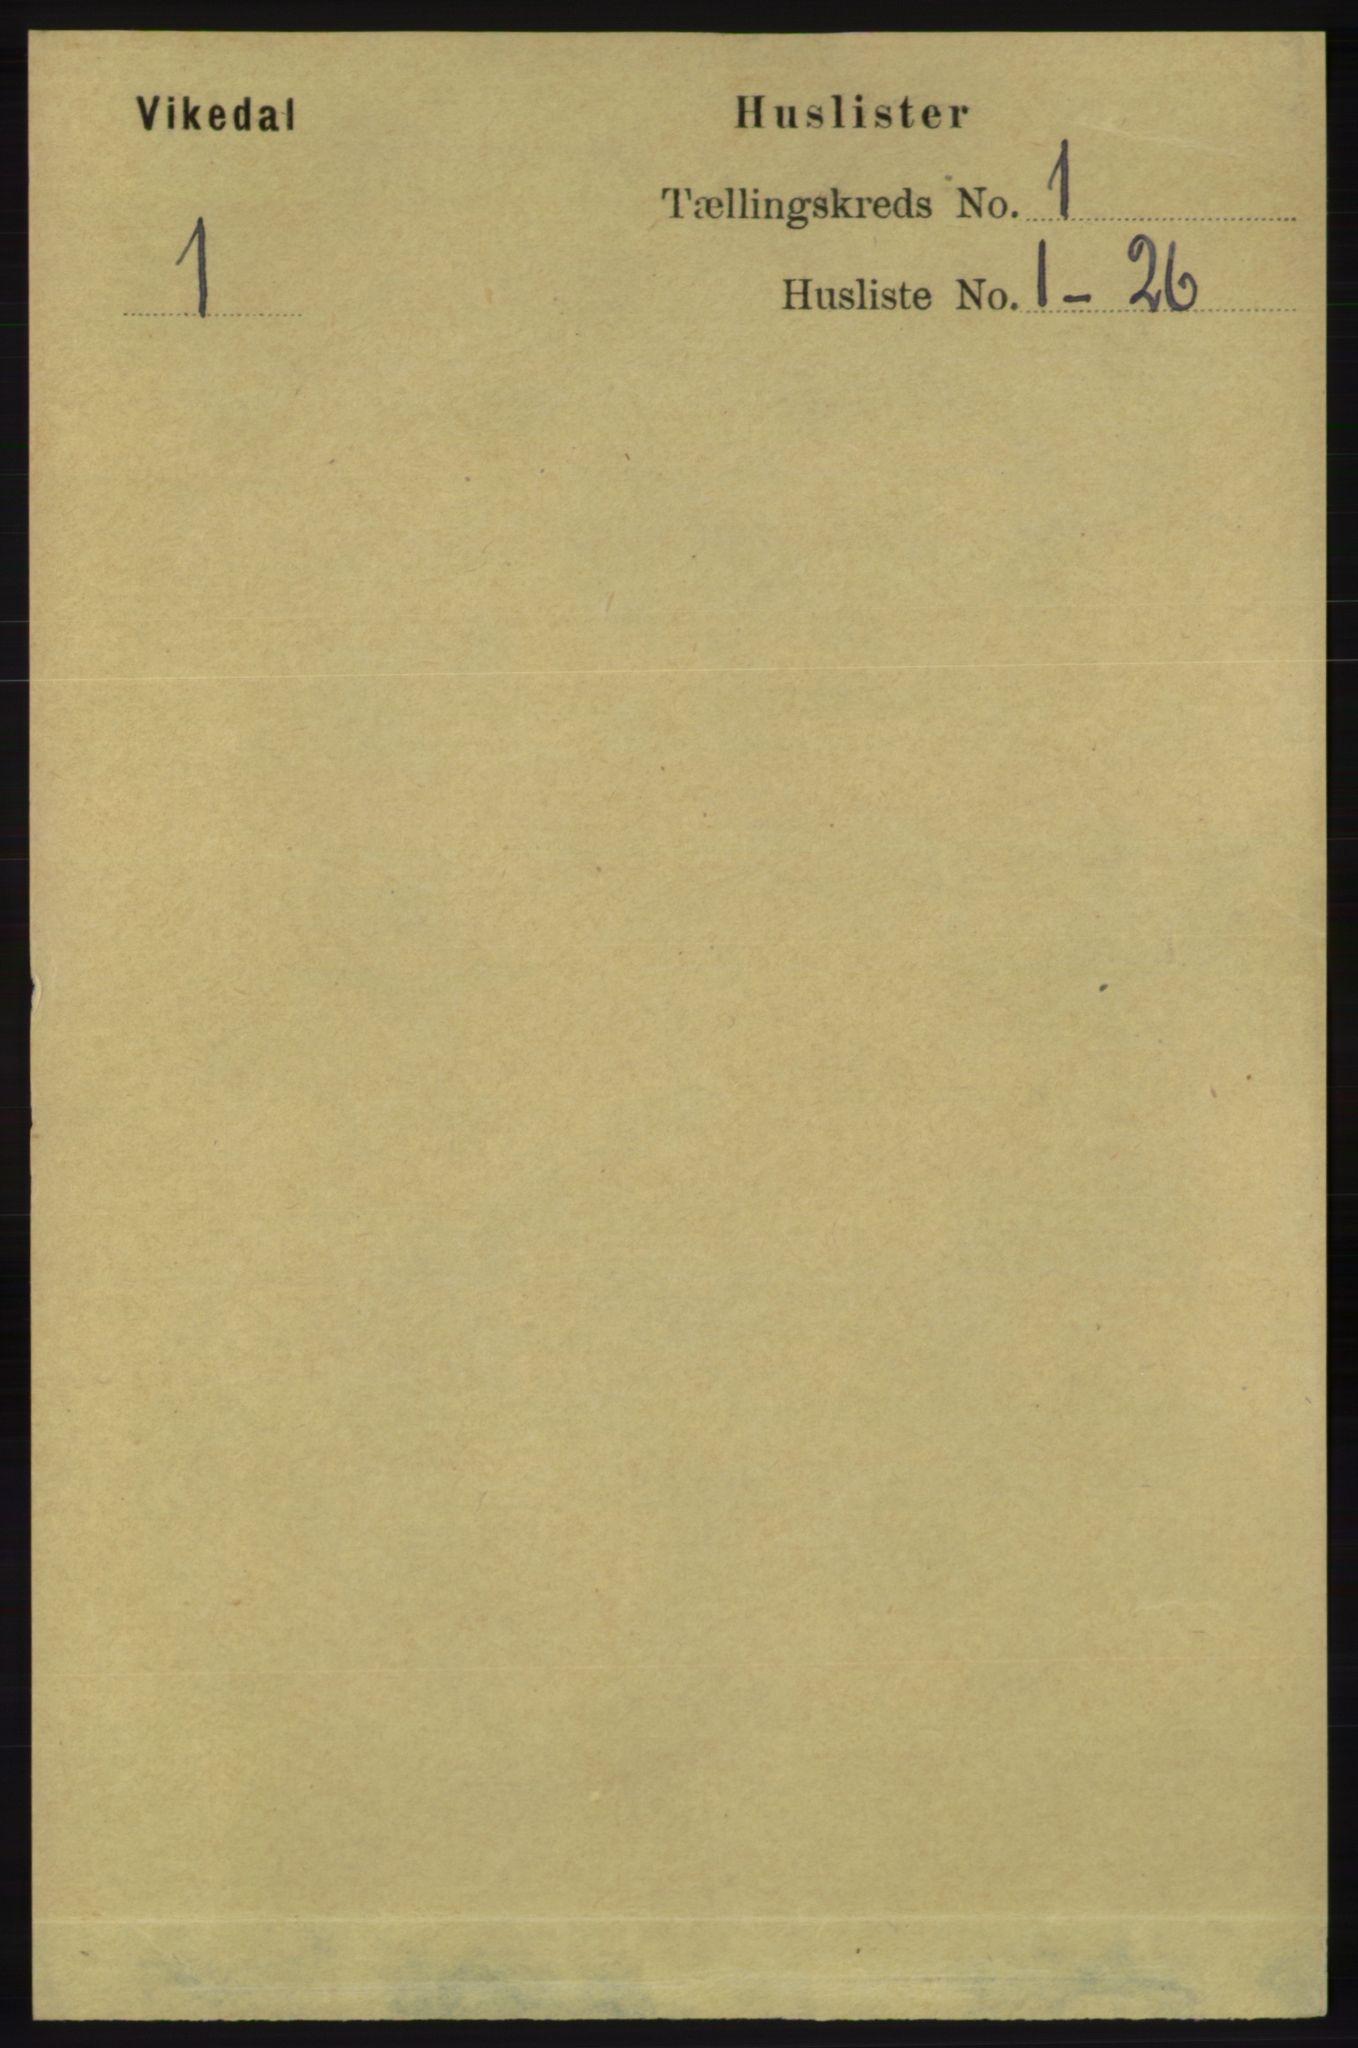 RA, Folketelling 1891 for 1157 Vikedal herred, 1891, s. 30